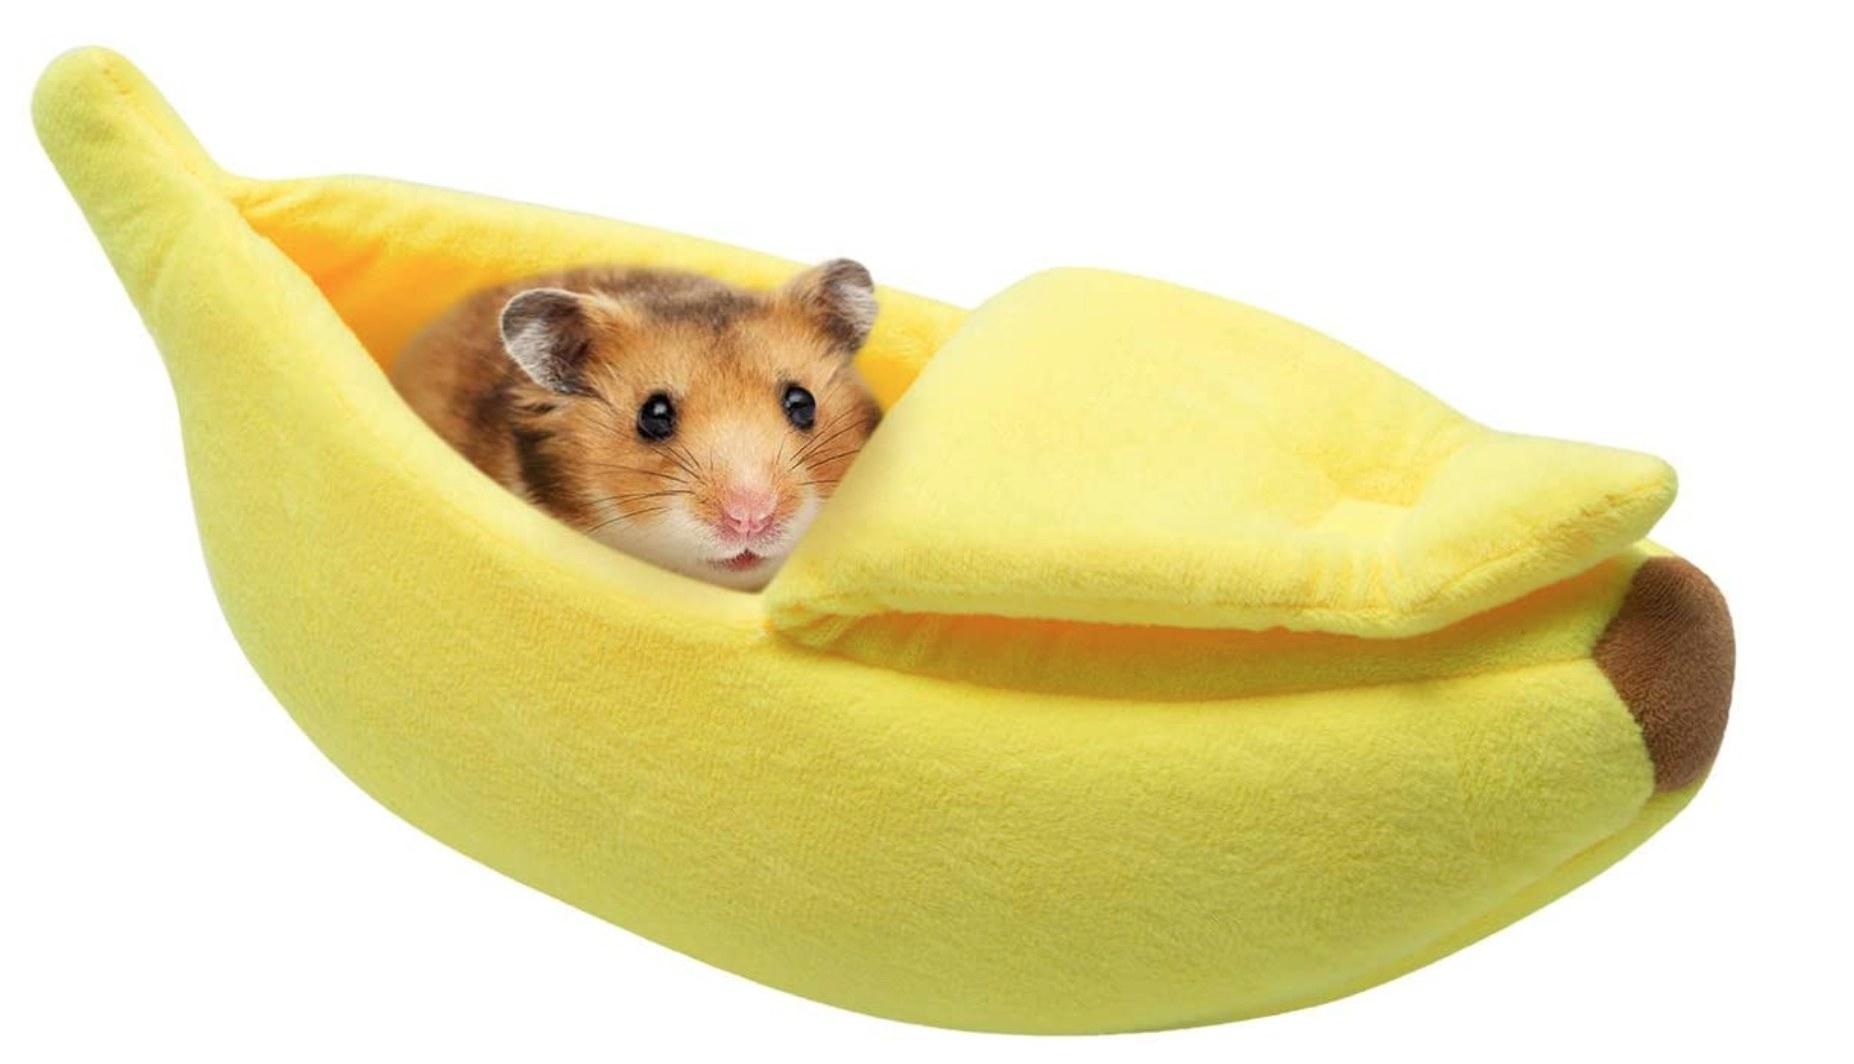 A guinea pig inside a soft yellow plush banana